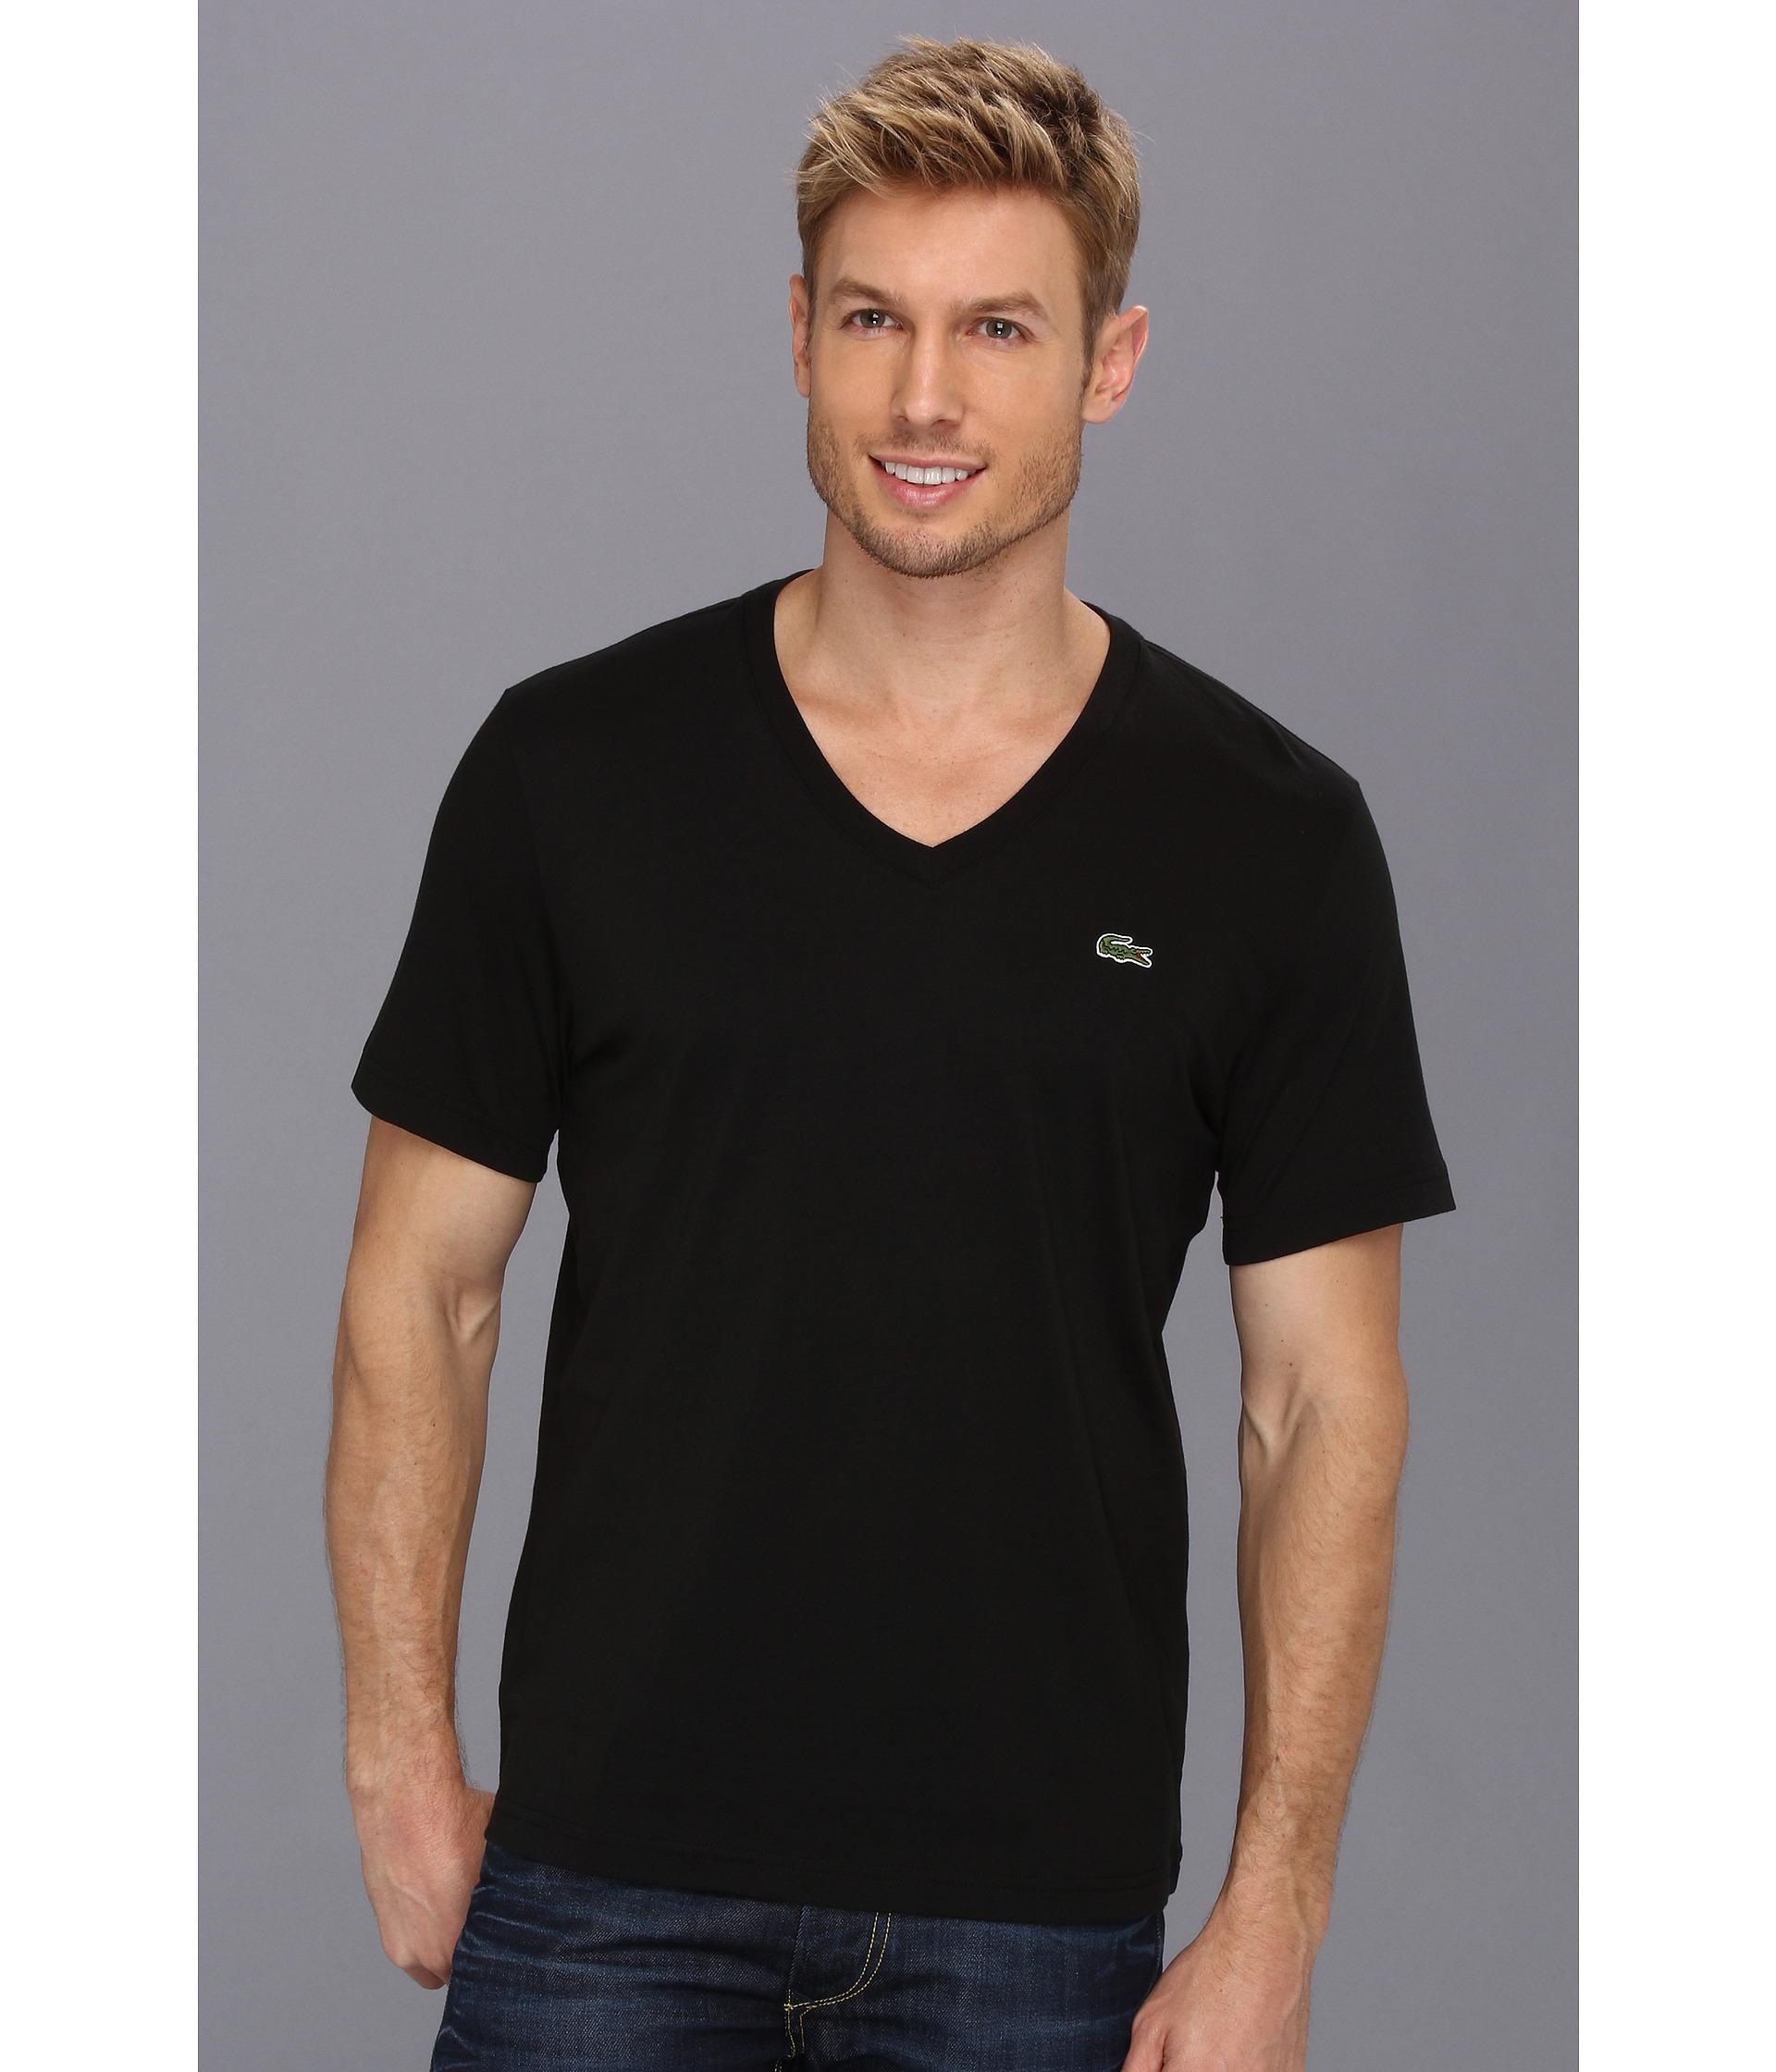 lacoste l ve short sleeve v neck t shirt in black for men. Black Bedroom Furniture Sets. Home Design Ideas